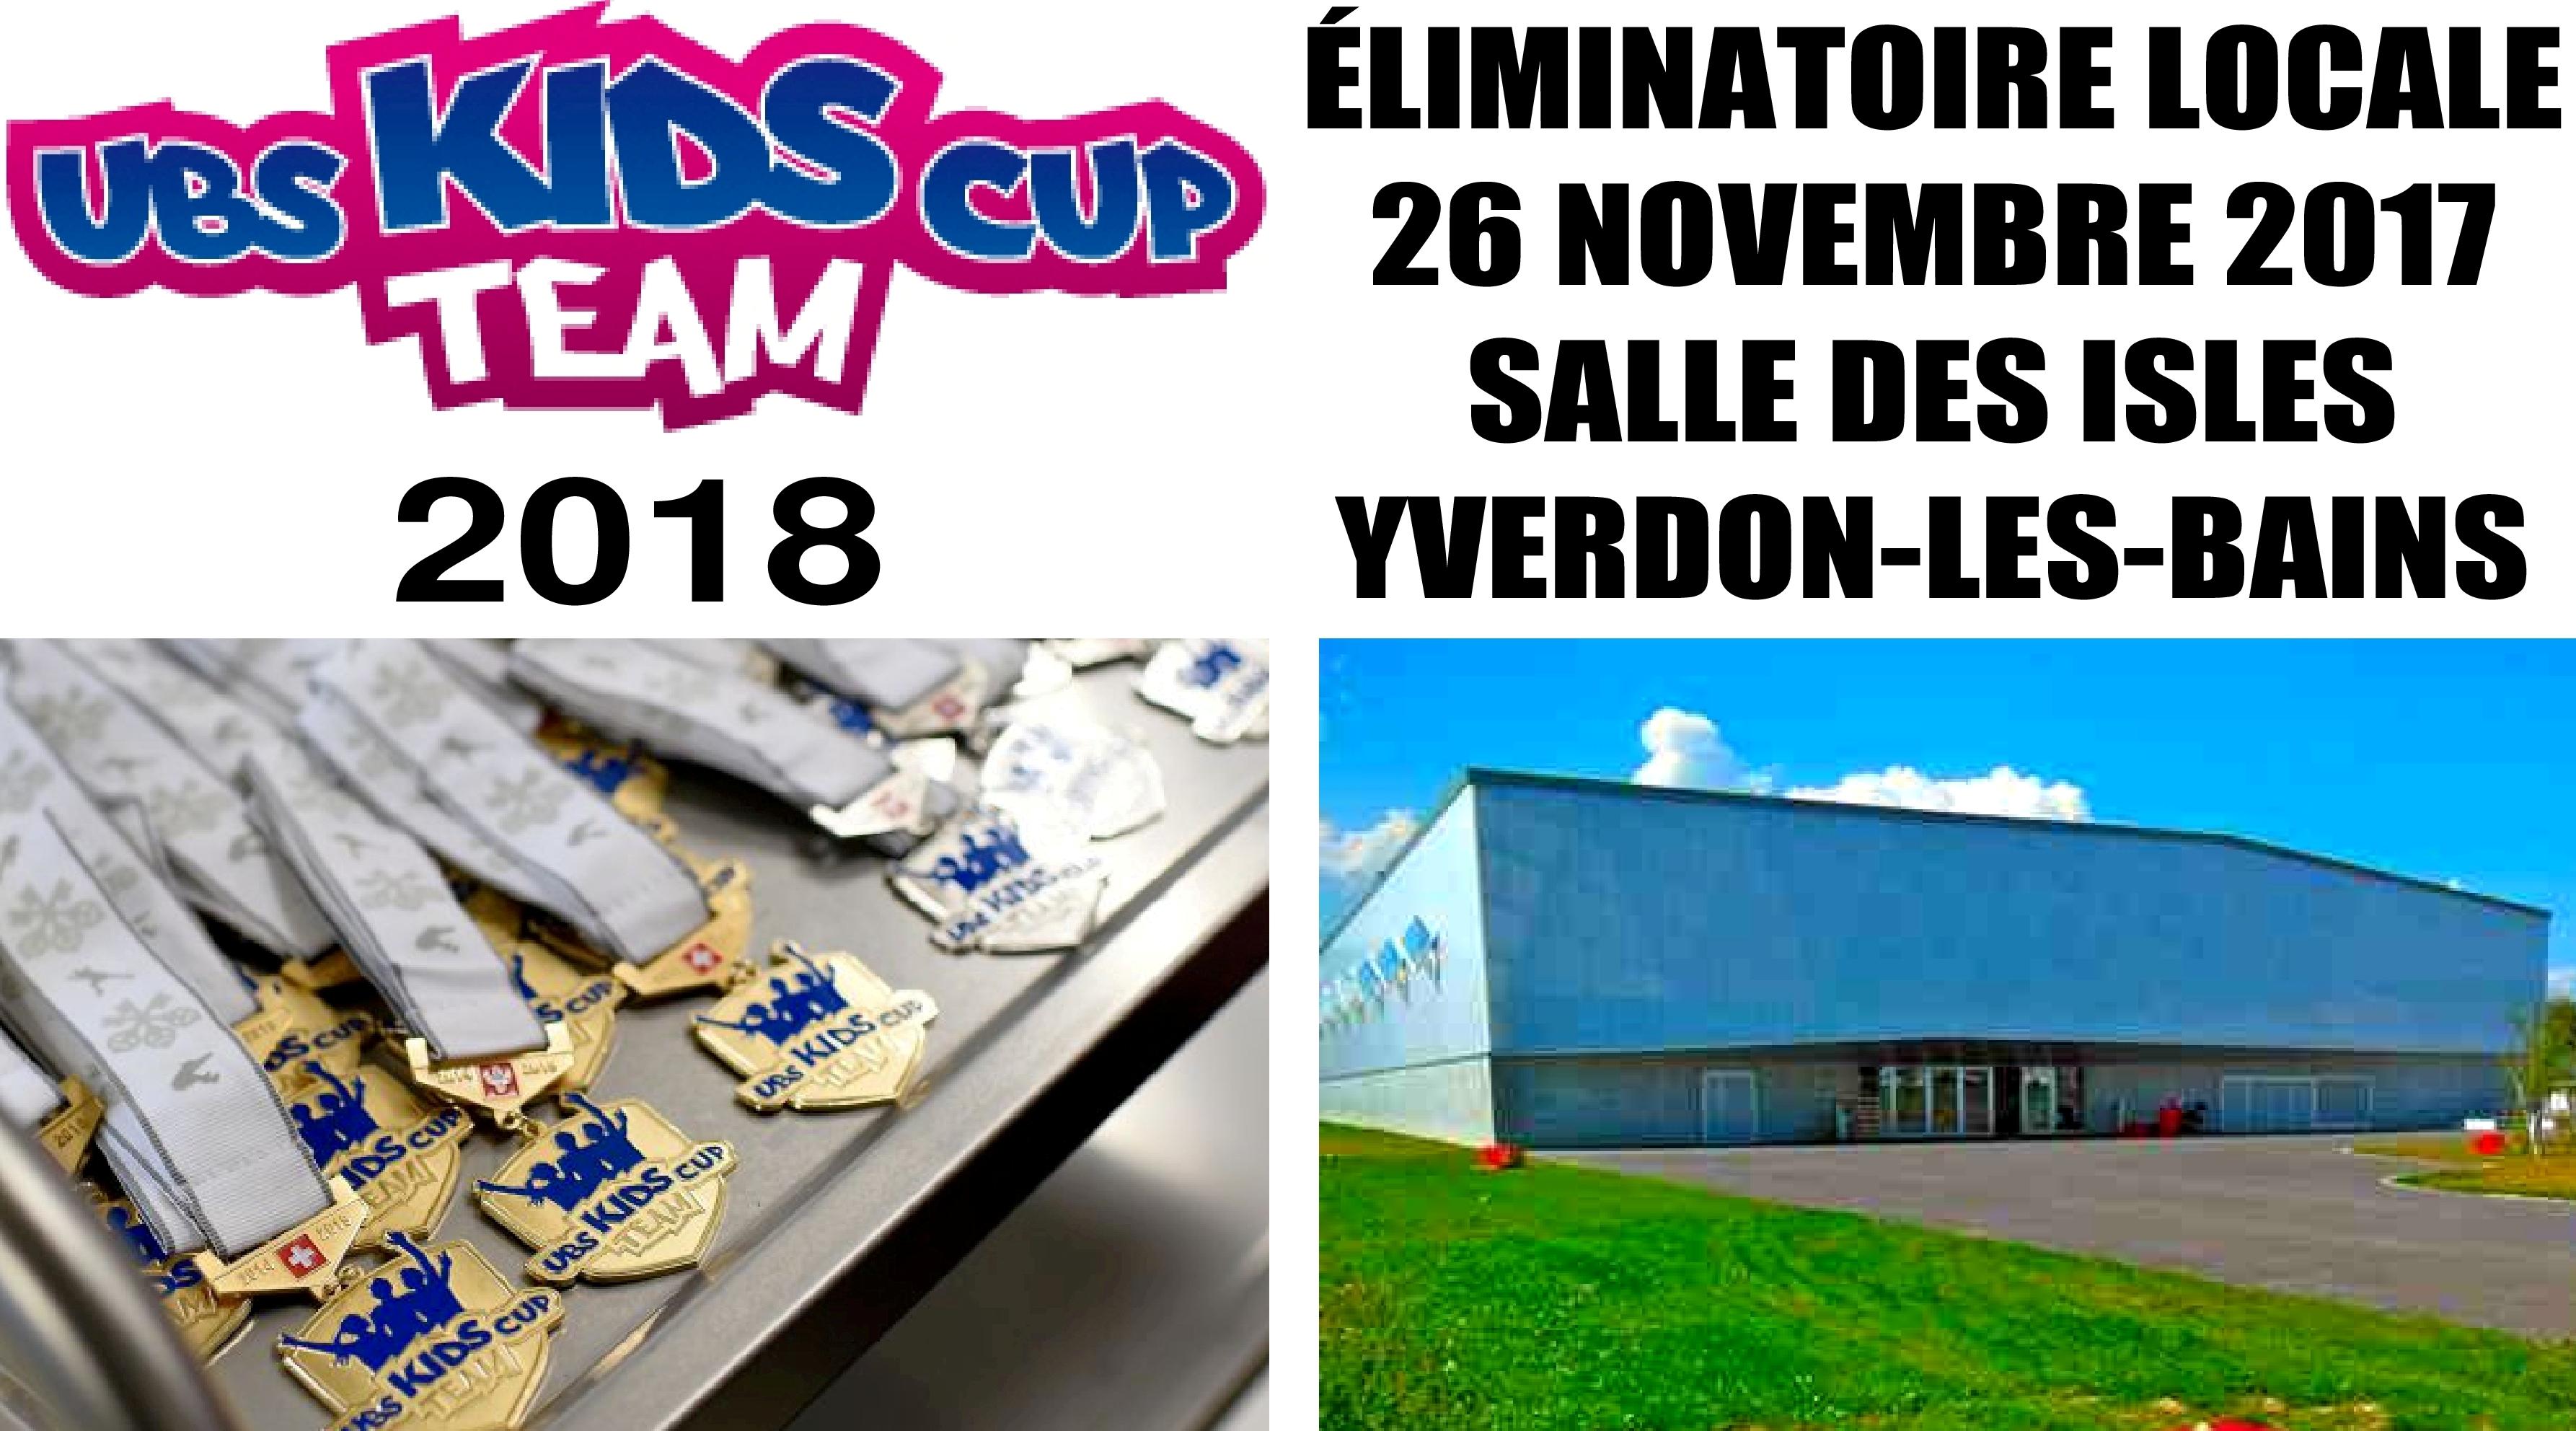 Eliminatoire UBS Kids Cup Team à Yverdon